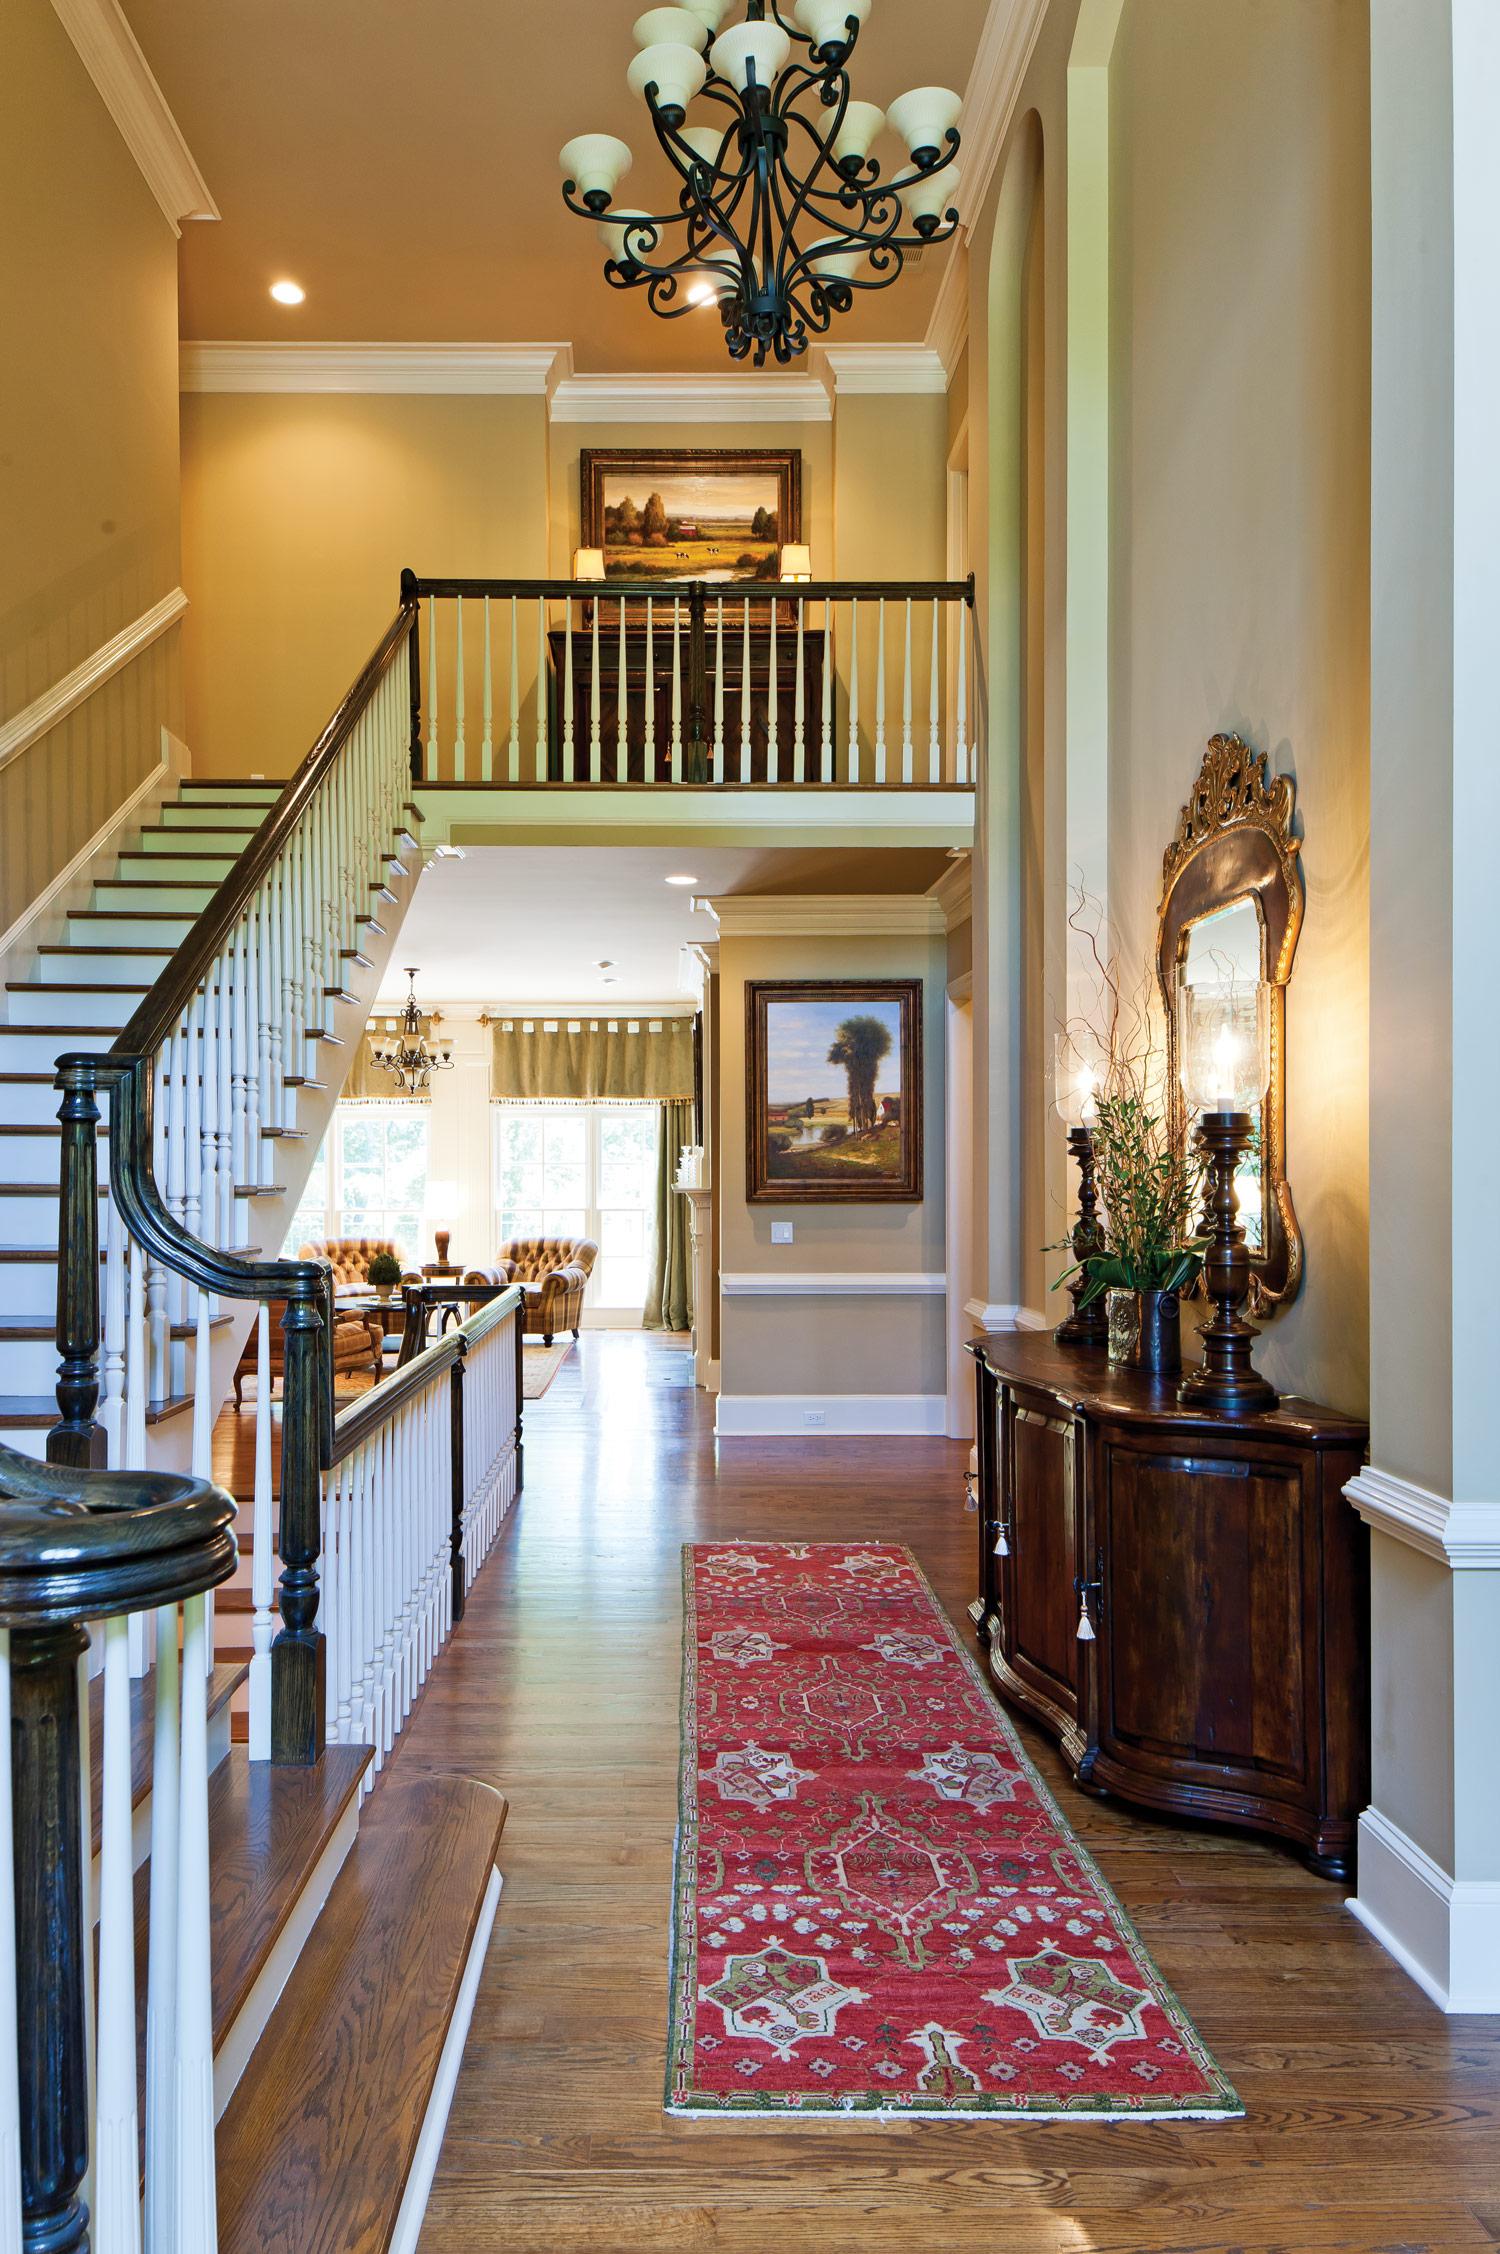 Luxury Kitchen Interior Design: Loretta's Interior Design, LLC